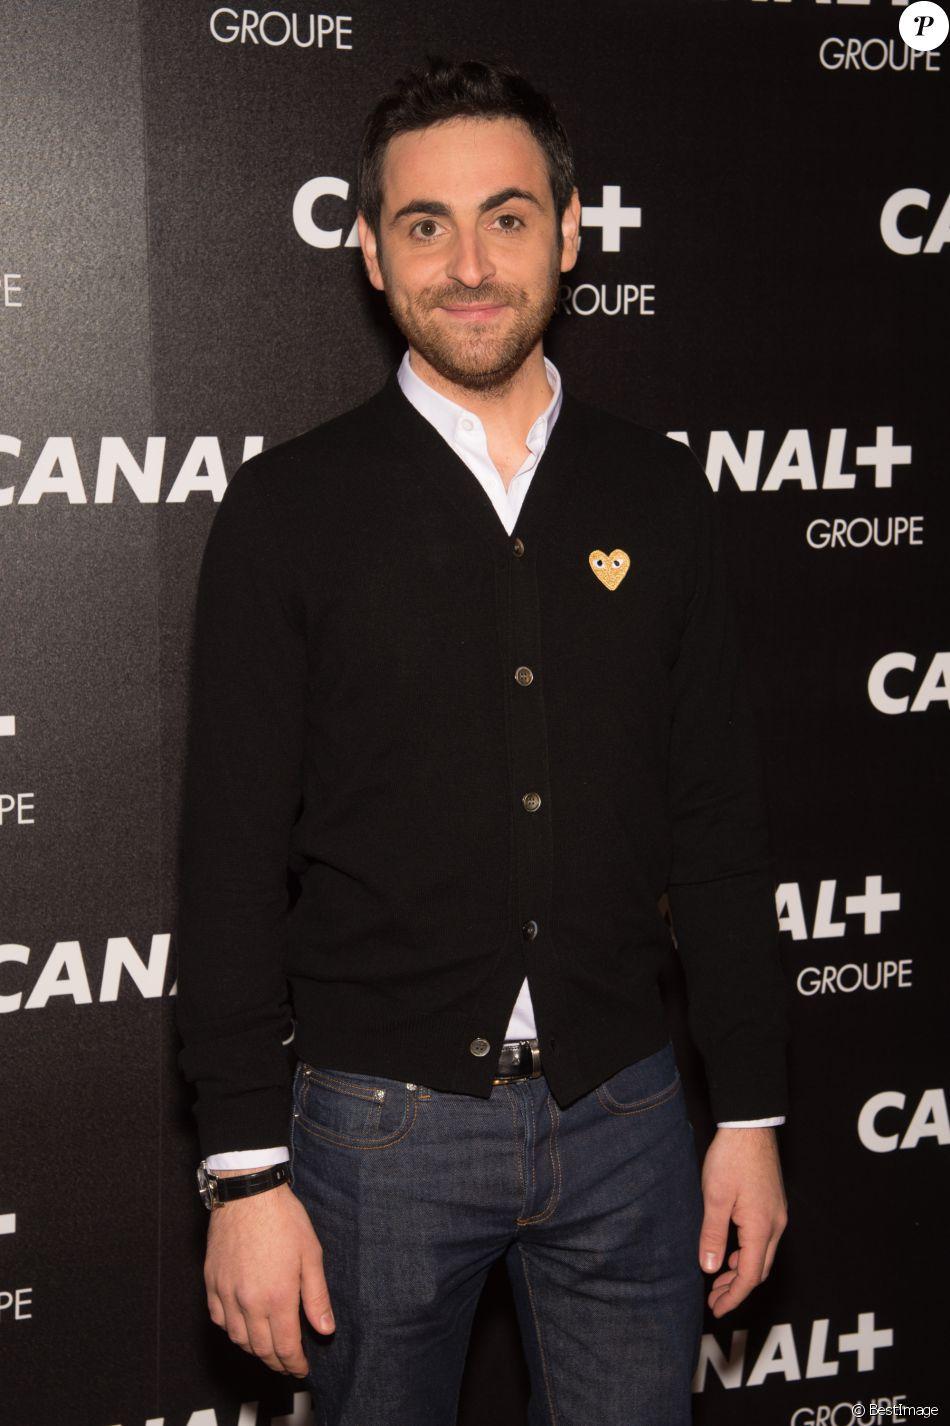 Camille Combal - Soirée des animateurs du Groupe Canal+ au Manko à Paris. Le 3 février 2016.